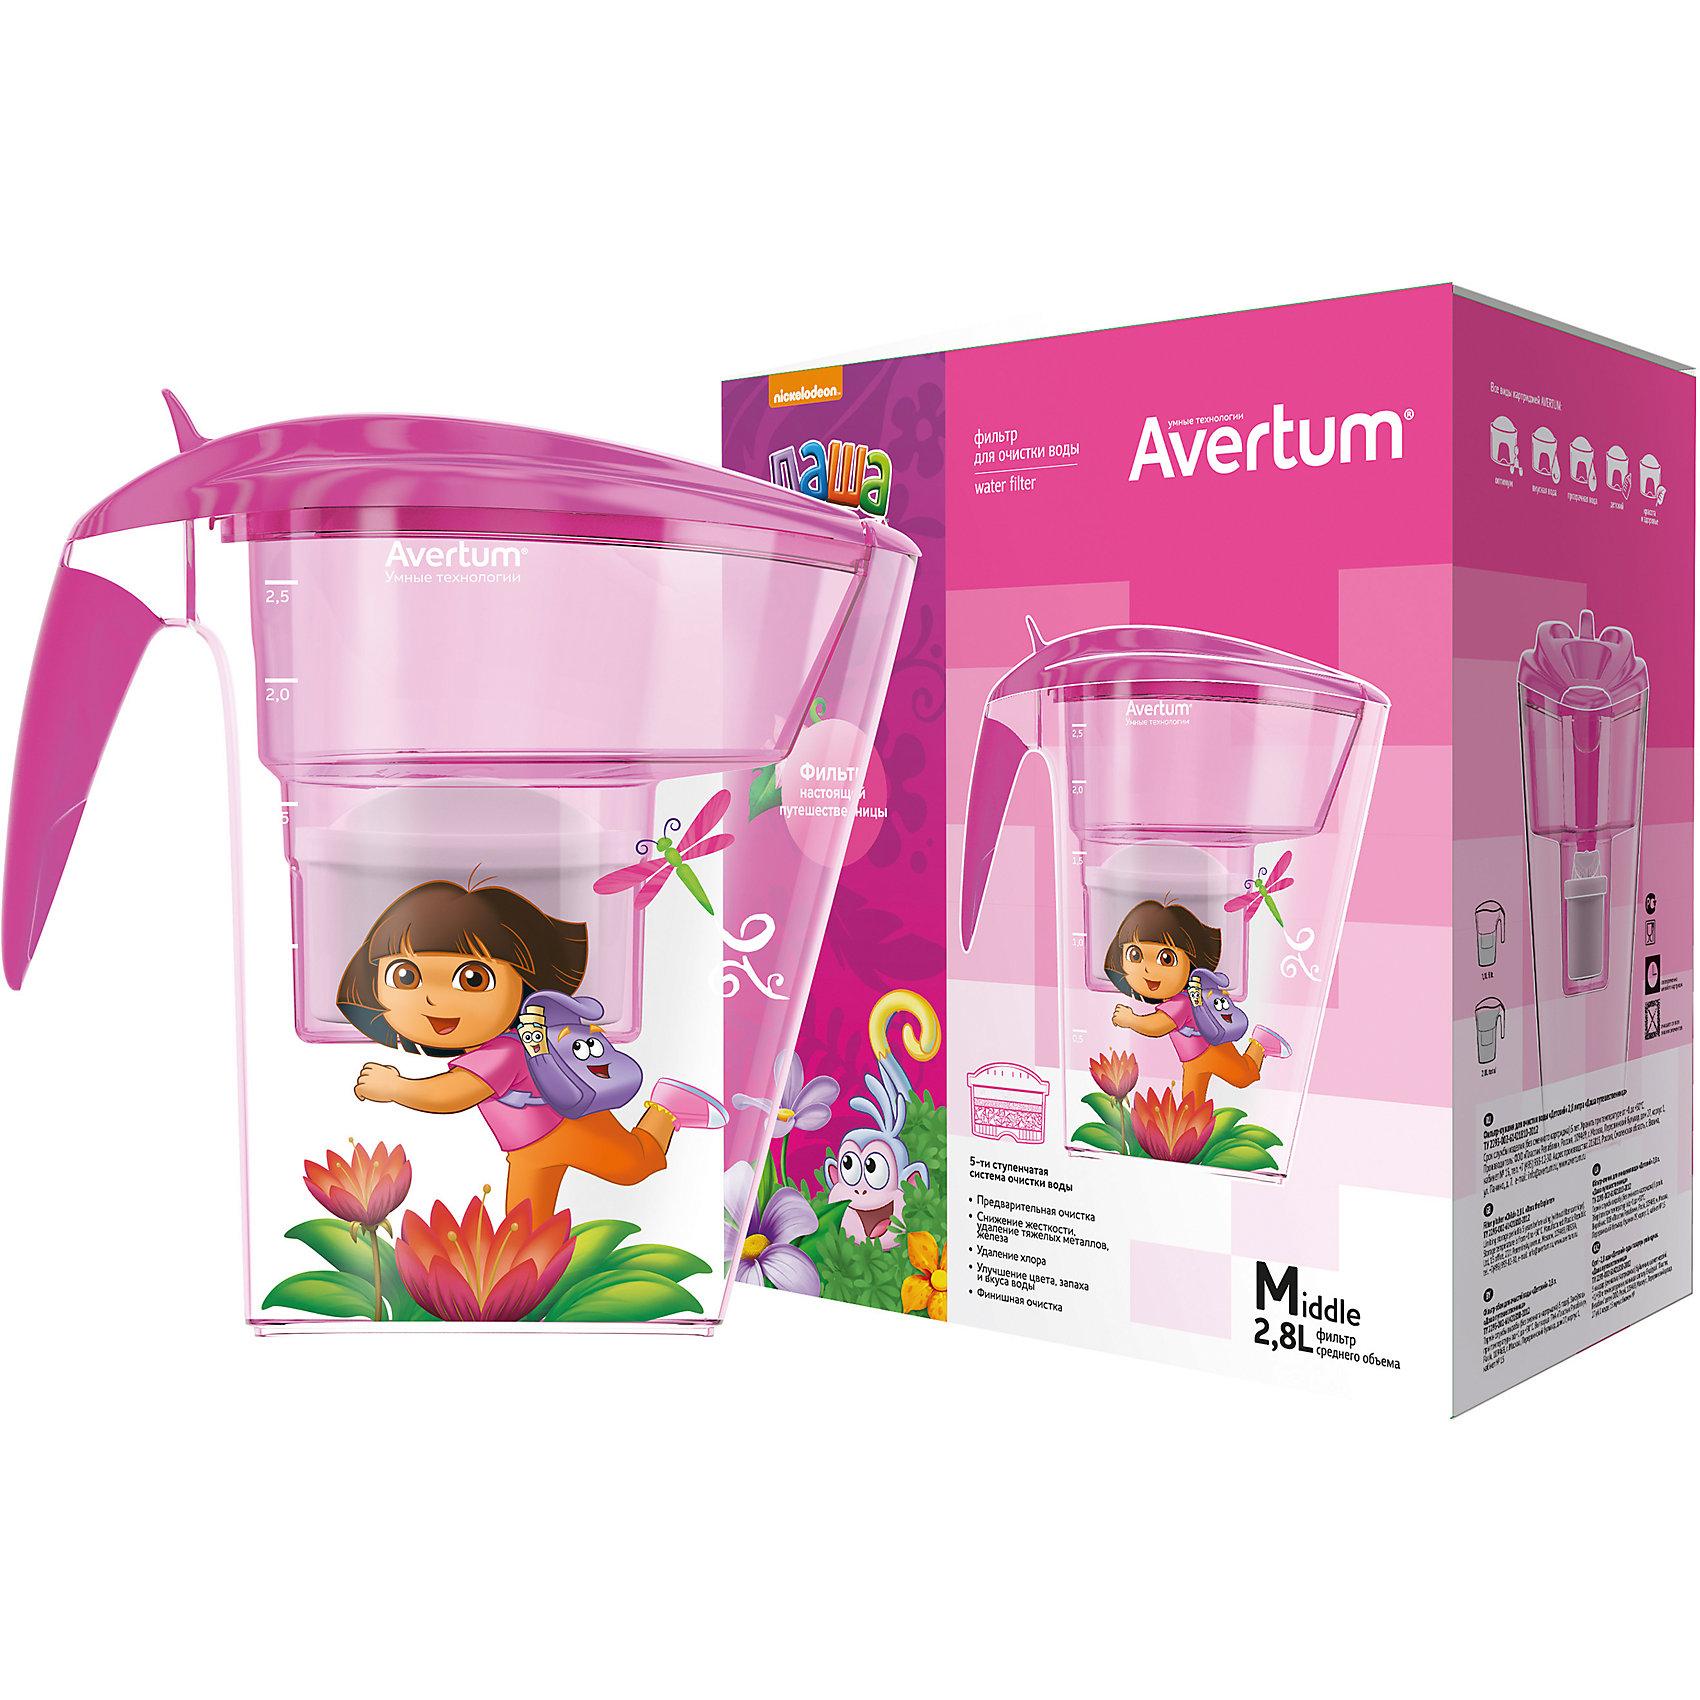 Фильтр-кувшин для очистки воды «Детский» 2,8 л. «Даша путешественница», Little Angel, розовыйФильтр-кувшин для очистки воды «Детский» 2,8 л. «Даша путешественница», Little Angel, розовый изготовлен отечественным производителем . Фильтр выполнен из высококачественного экологически безопасного пластика, который не содержит фенол. Данная серия детских фильтров состоит из кувшина, откидной крышки с клапаном и самого фильтра. Очищение воды проходит через 5-ти ступенчатую фильтрацию, которая позволяет не только очистить воду, но и обогатить ее полезными микроэлементами. Для удобства эксплуатации кувшин оснащен нескользящим дном, на крышке фильтра имеется электронный индикатор ресурса картриджа. Фильтр-кувшин имеет универсальную форму воронки, поэтому к нему подойдут картриджи, отвечающие требованиям европейского стандарта.<br>Фильтр-кувшин для очистки воды «Детский» 2,8 л. «Даша путешественница», Little Angel, розовый выполнен в ярком современном дизайне: на кувшине имеется сюжетная наклейка с путешествующей Дашей.<br>Фильтр-кувшин для очистки воды «Детский» 2,8 л. «Даша путешественница», Little Angel, розовый ? это удобство использования и гарантия чистой и полезной воды.<br><br>Дополнительная информация:<br><br>- Предназначение: для дома<br>- Цвет: розовый<br>- Пол: для девочки<br>- Материал: пластик<br>- Размер (Д*Ш*В): 25,5*15*27,3 см<br>- Объем: 2,8 л<br>- Вес: 854 г<br>- Периодичность смены картриджа: 1 раз в месяц<br>- Особенности ухода: разрешается мыть теплой водой<br><br>Подробнее:<br><br>• Для детей в возрасте: от 3 лет и до 14 лет<br>• Страна производитель: Россия<br>• Торговый бренд: Little Angel<br><br>Фильтр-кувшин для очистки воды «Детский» 2,8 л. «Даша путешественница», Little Angel, розовый можно купить в нашем интернет-магазине.<br><br>Ширина мм: 255<br>Глубина мм: 150<br>Высота мм: 273<br>Вес г: 854<br>Возраст от месяцев: 36<br>Возраст до месяцев: 168<br>Пол: Женский<br>Возраст: Детский<br>SKU: 4881753